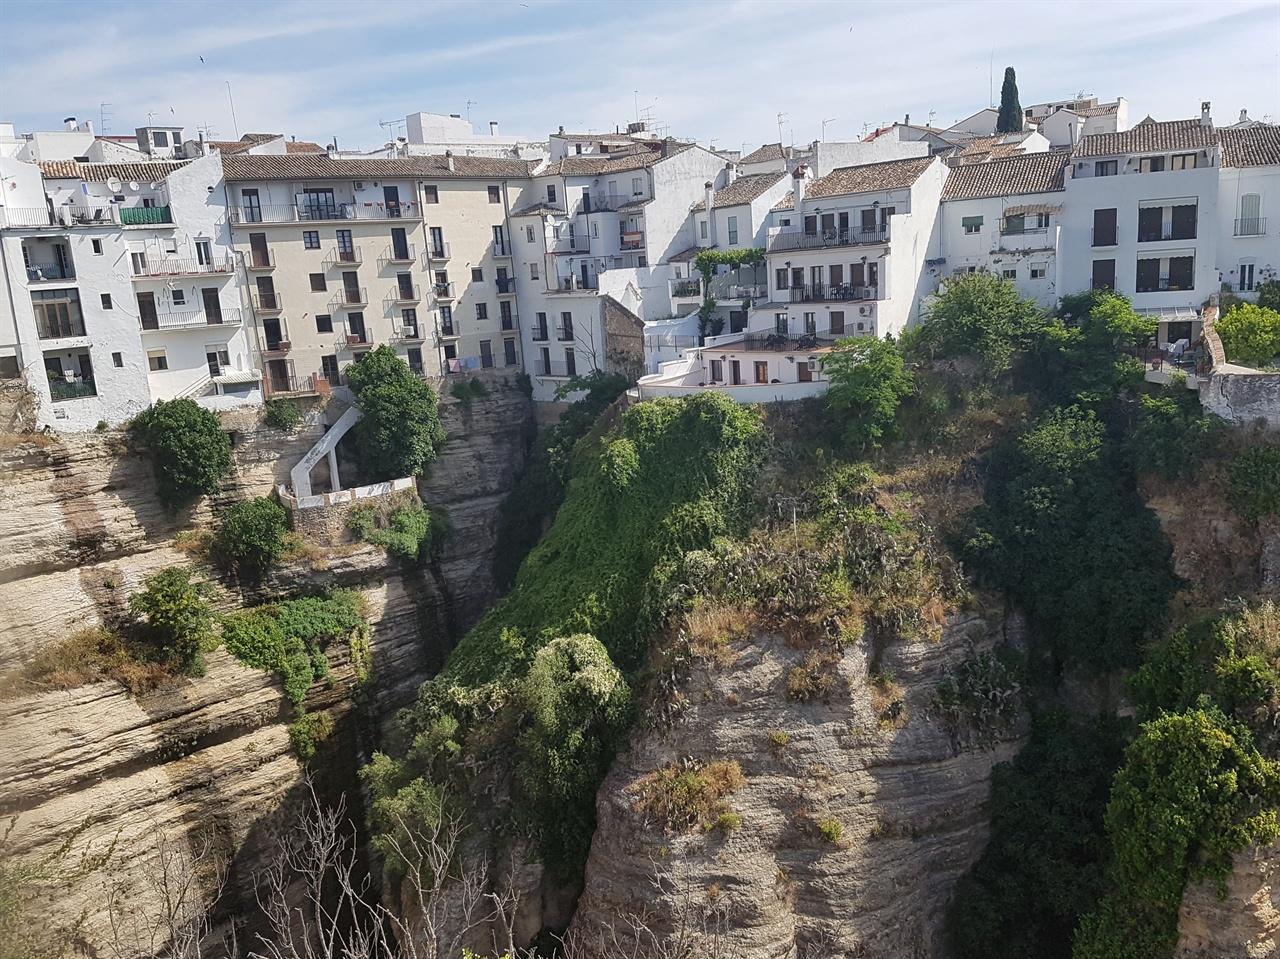 절벽 위에 펼쳐진 하얀 집들이 있는 론다. 아름다운 풍경을 간직한 마을입니다.